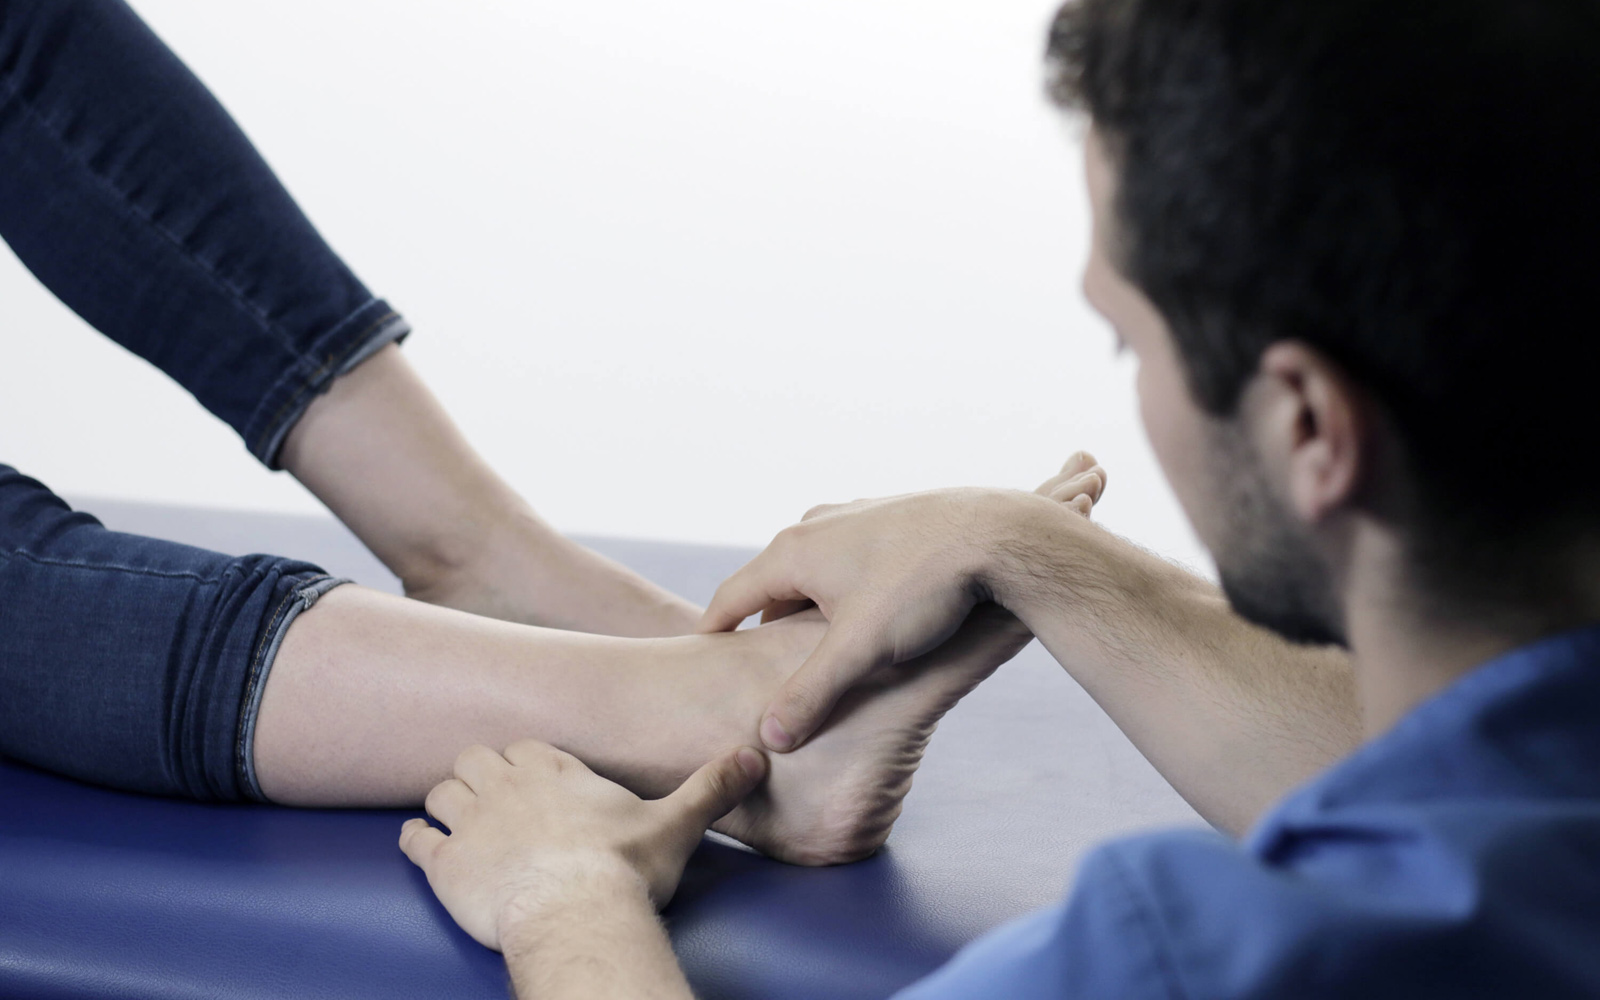 Fisioterapia y rehabilitación general